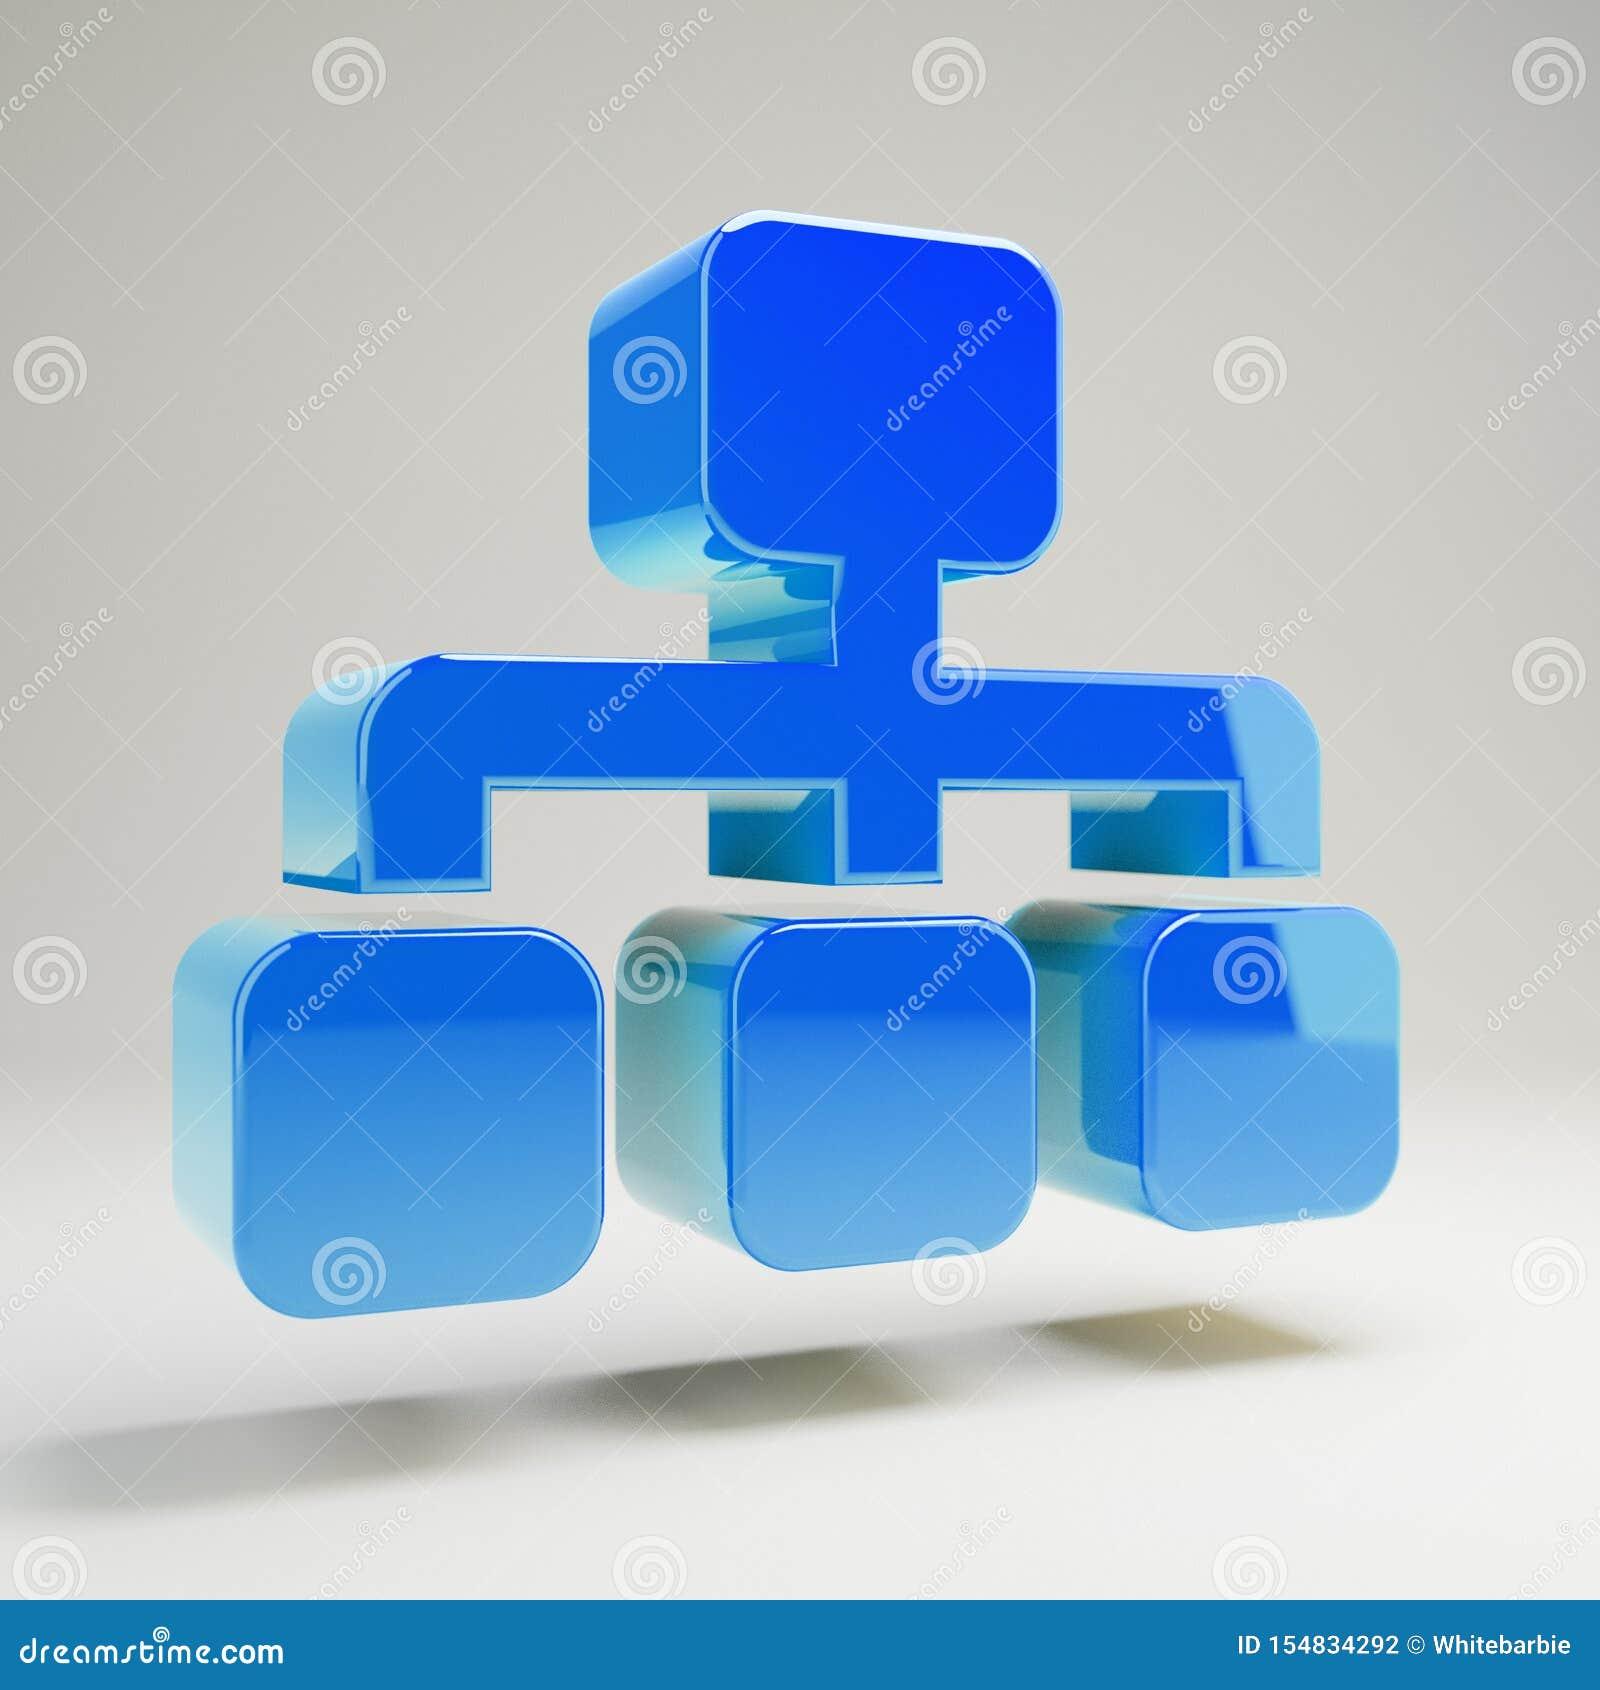 Ογκομετρικό στιλπνό μπλε εικονίδιο Sitemap που απομονώνεται στο άσπρο υπόβαθρο